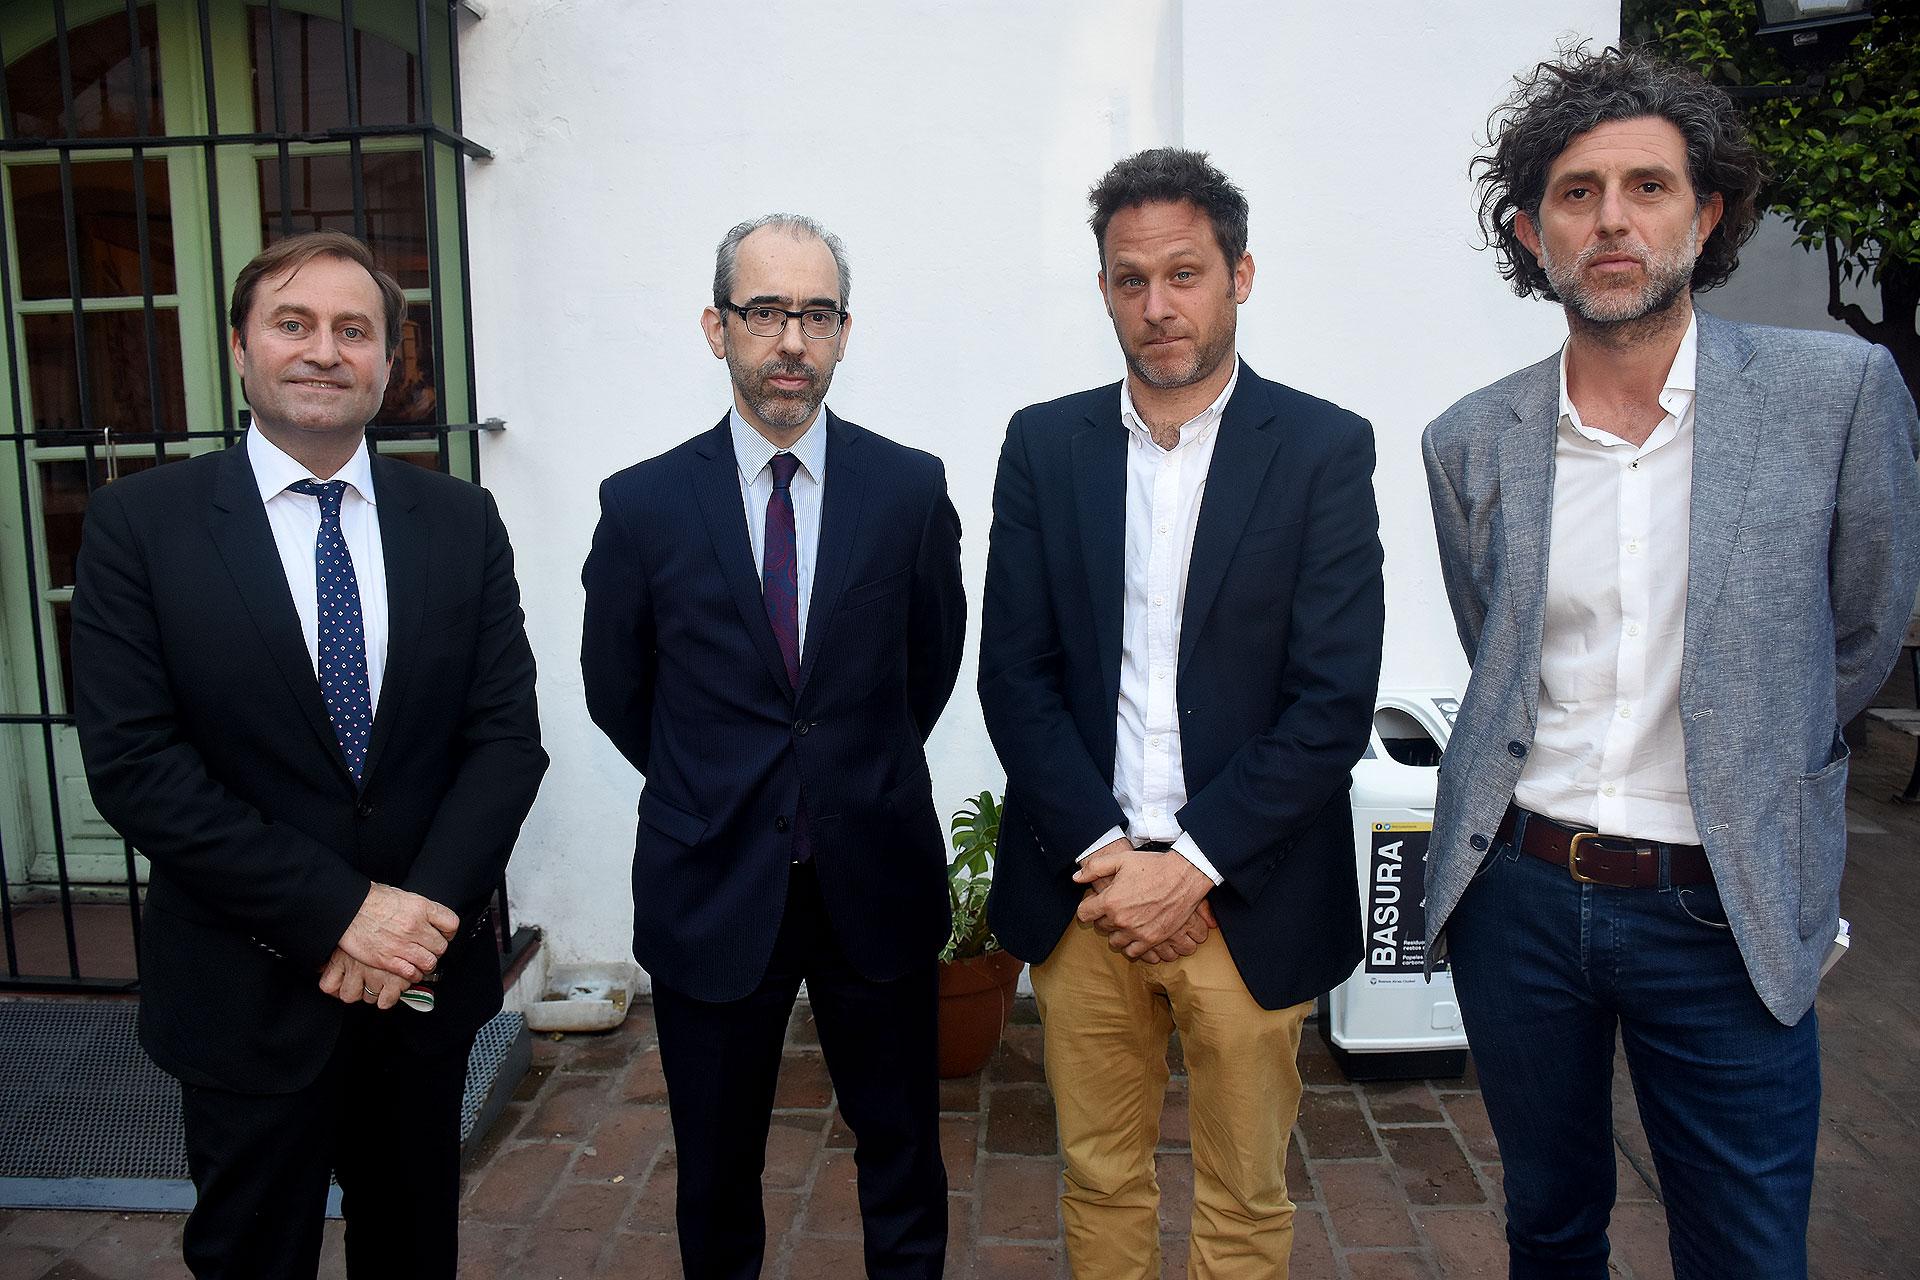 Sclauzero, González, Sivak e Ignacio Iraola,director editorial para el Cono Sur del GrupoPlaneta